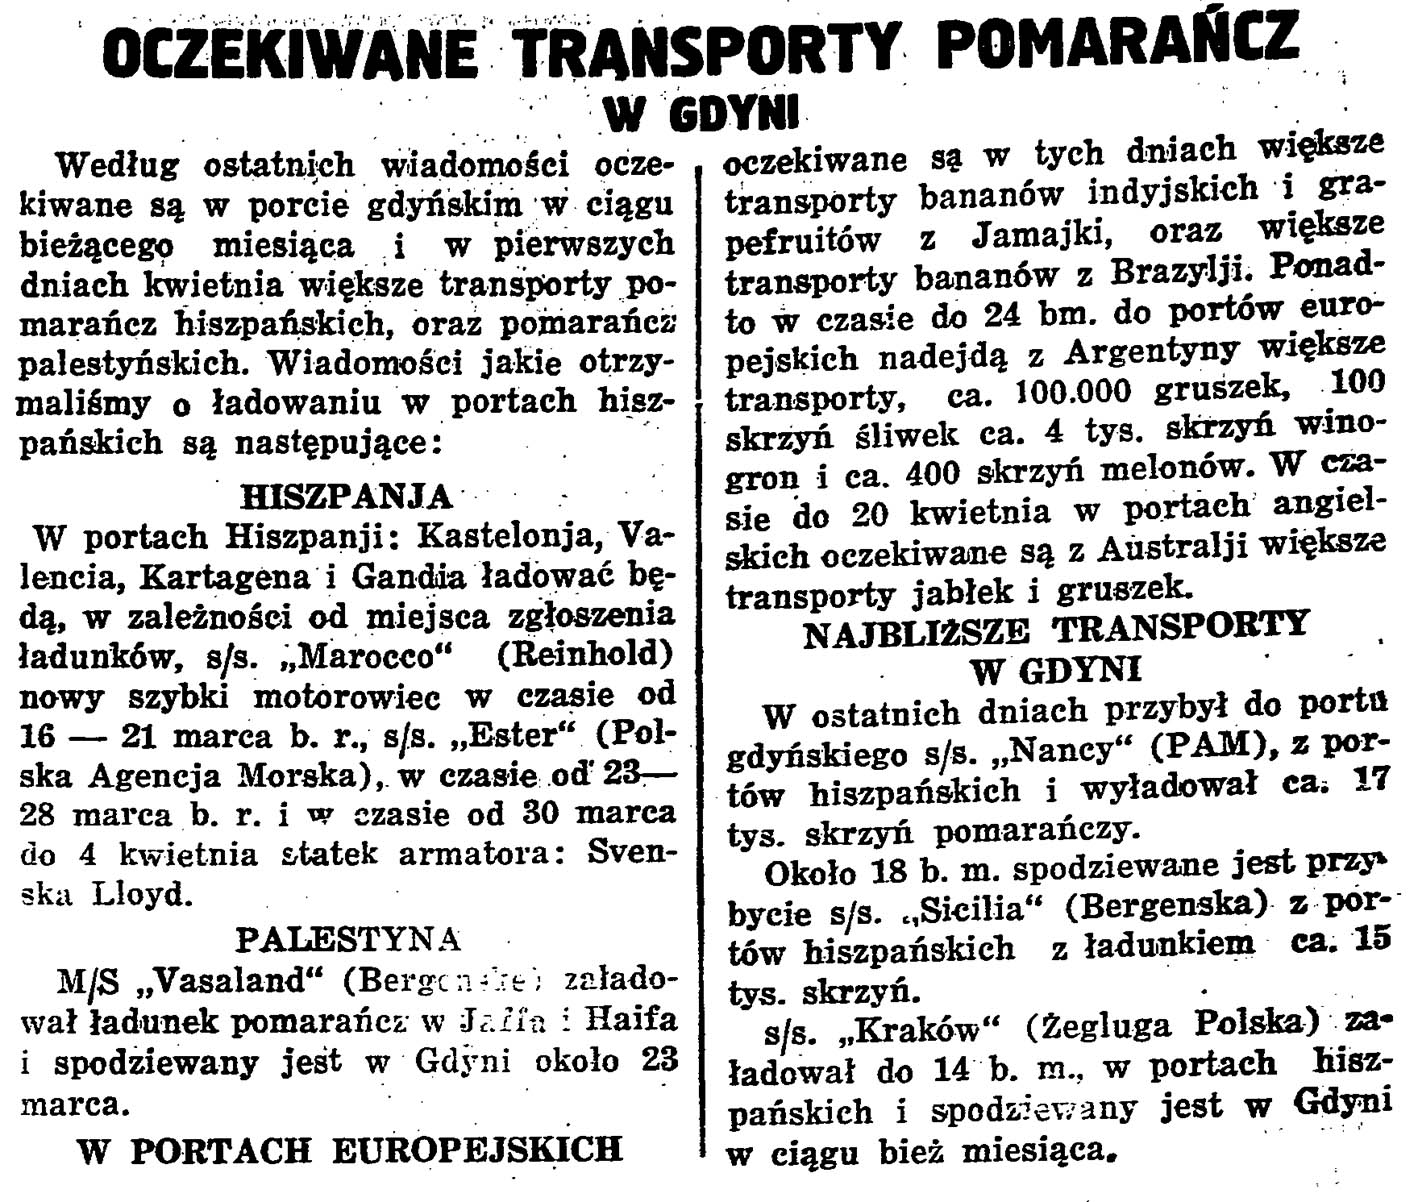 Oczekiwane transporty pomarańcz w Gdyni